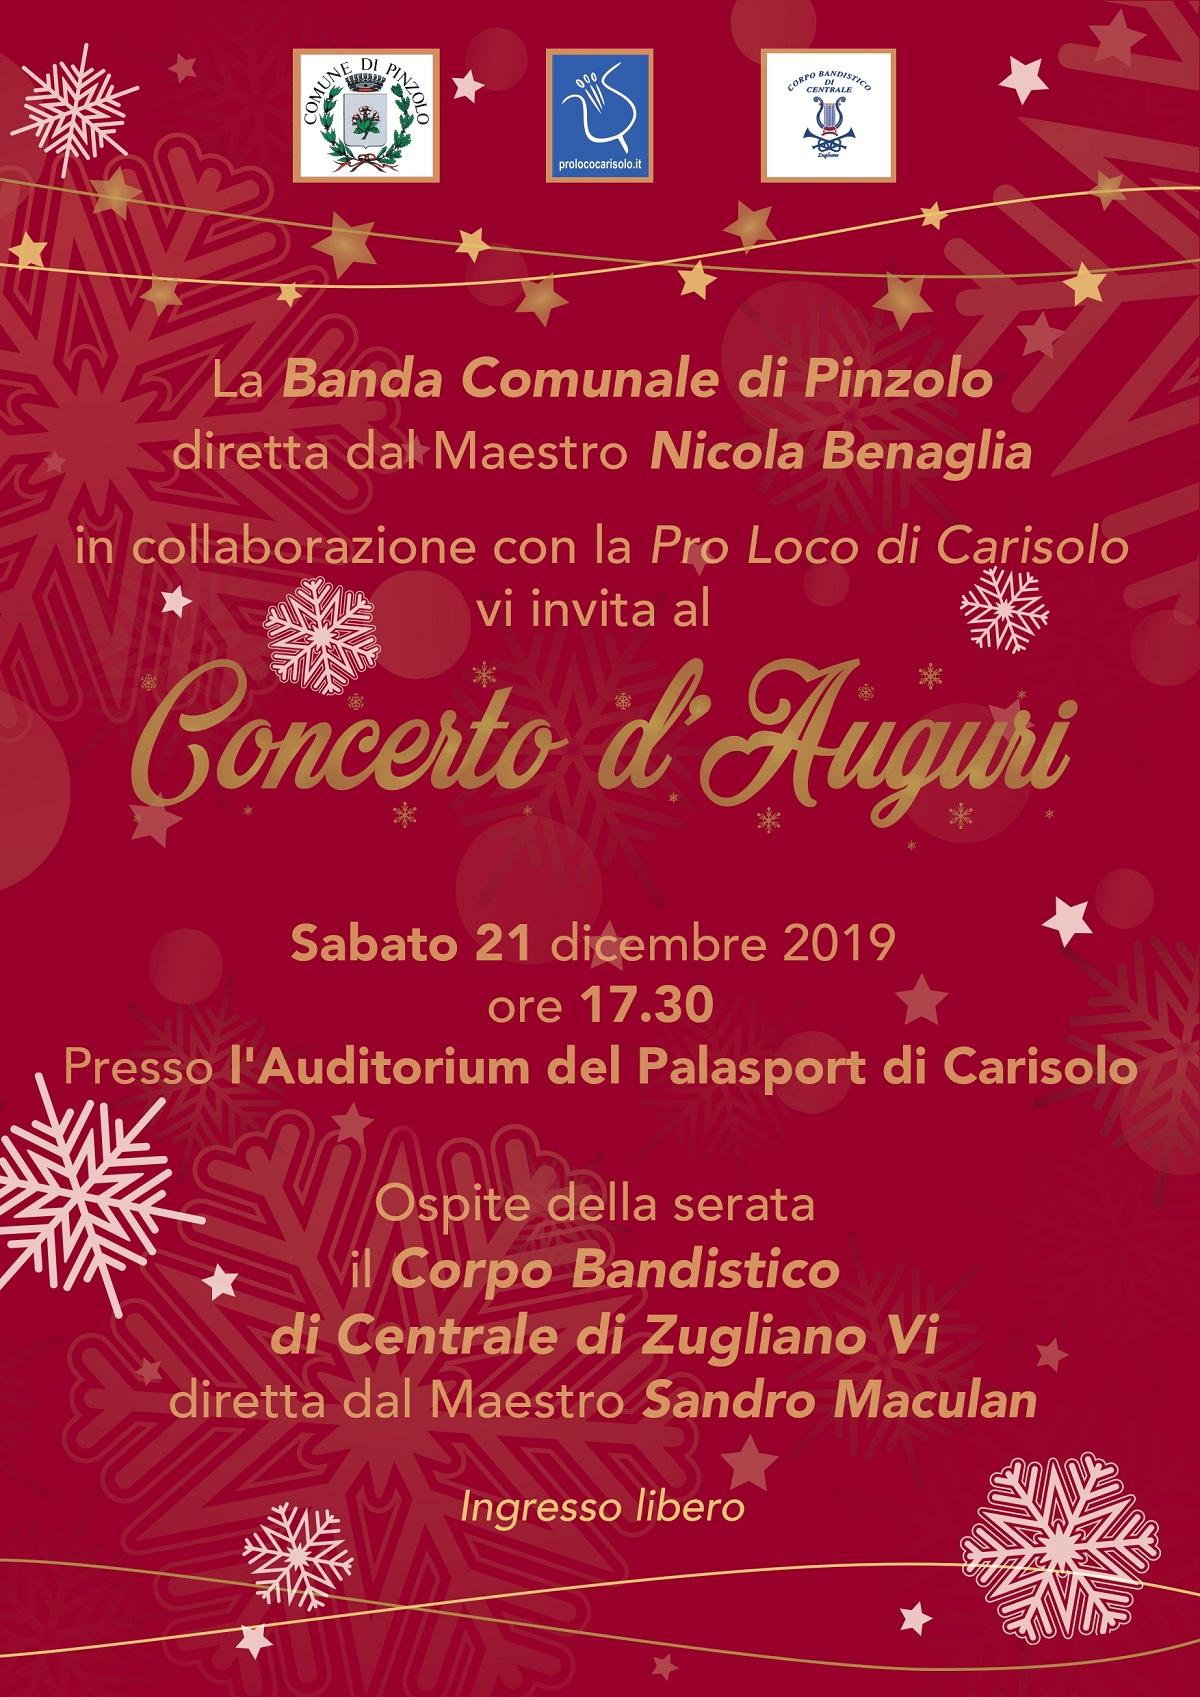 Concerto della Banda Comunale di Pinzolo, sabato 21 alle ore 17e30 presso il teatro di Carisolo